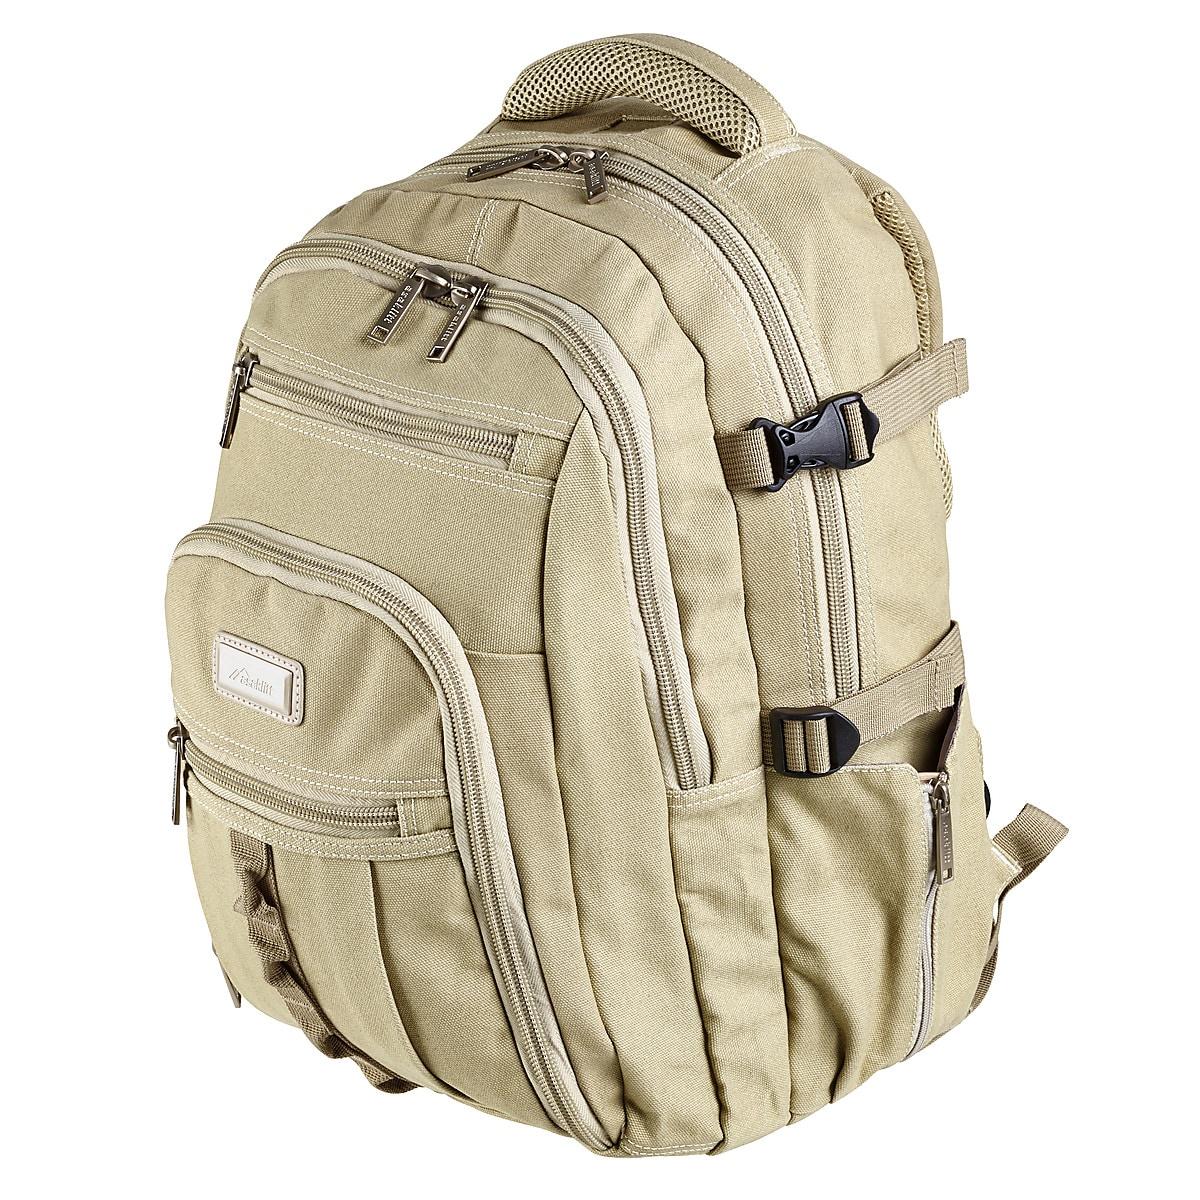 Asaklitt 35-Litre Backpack